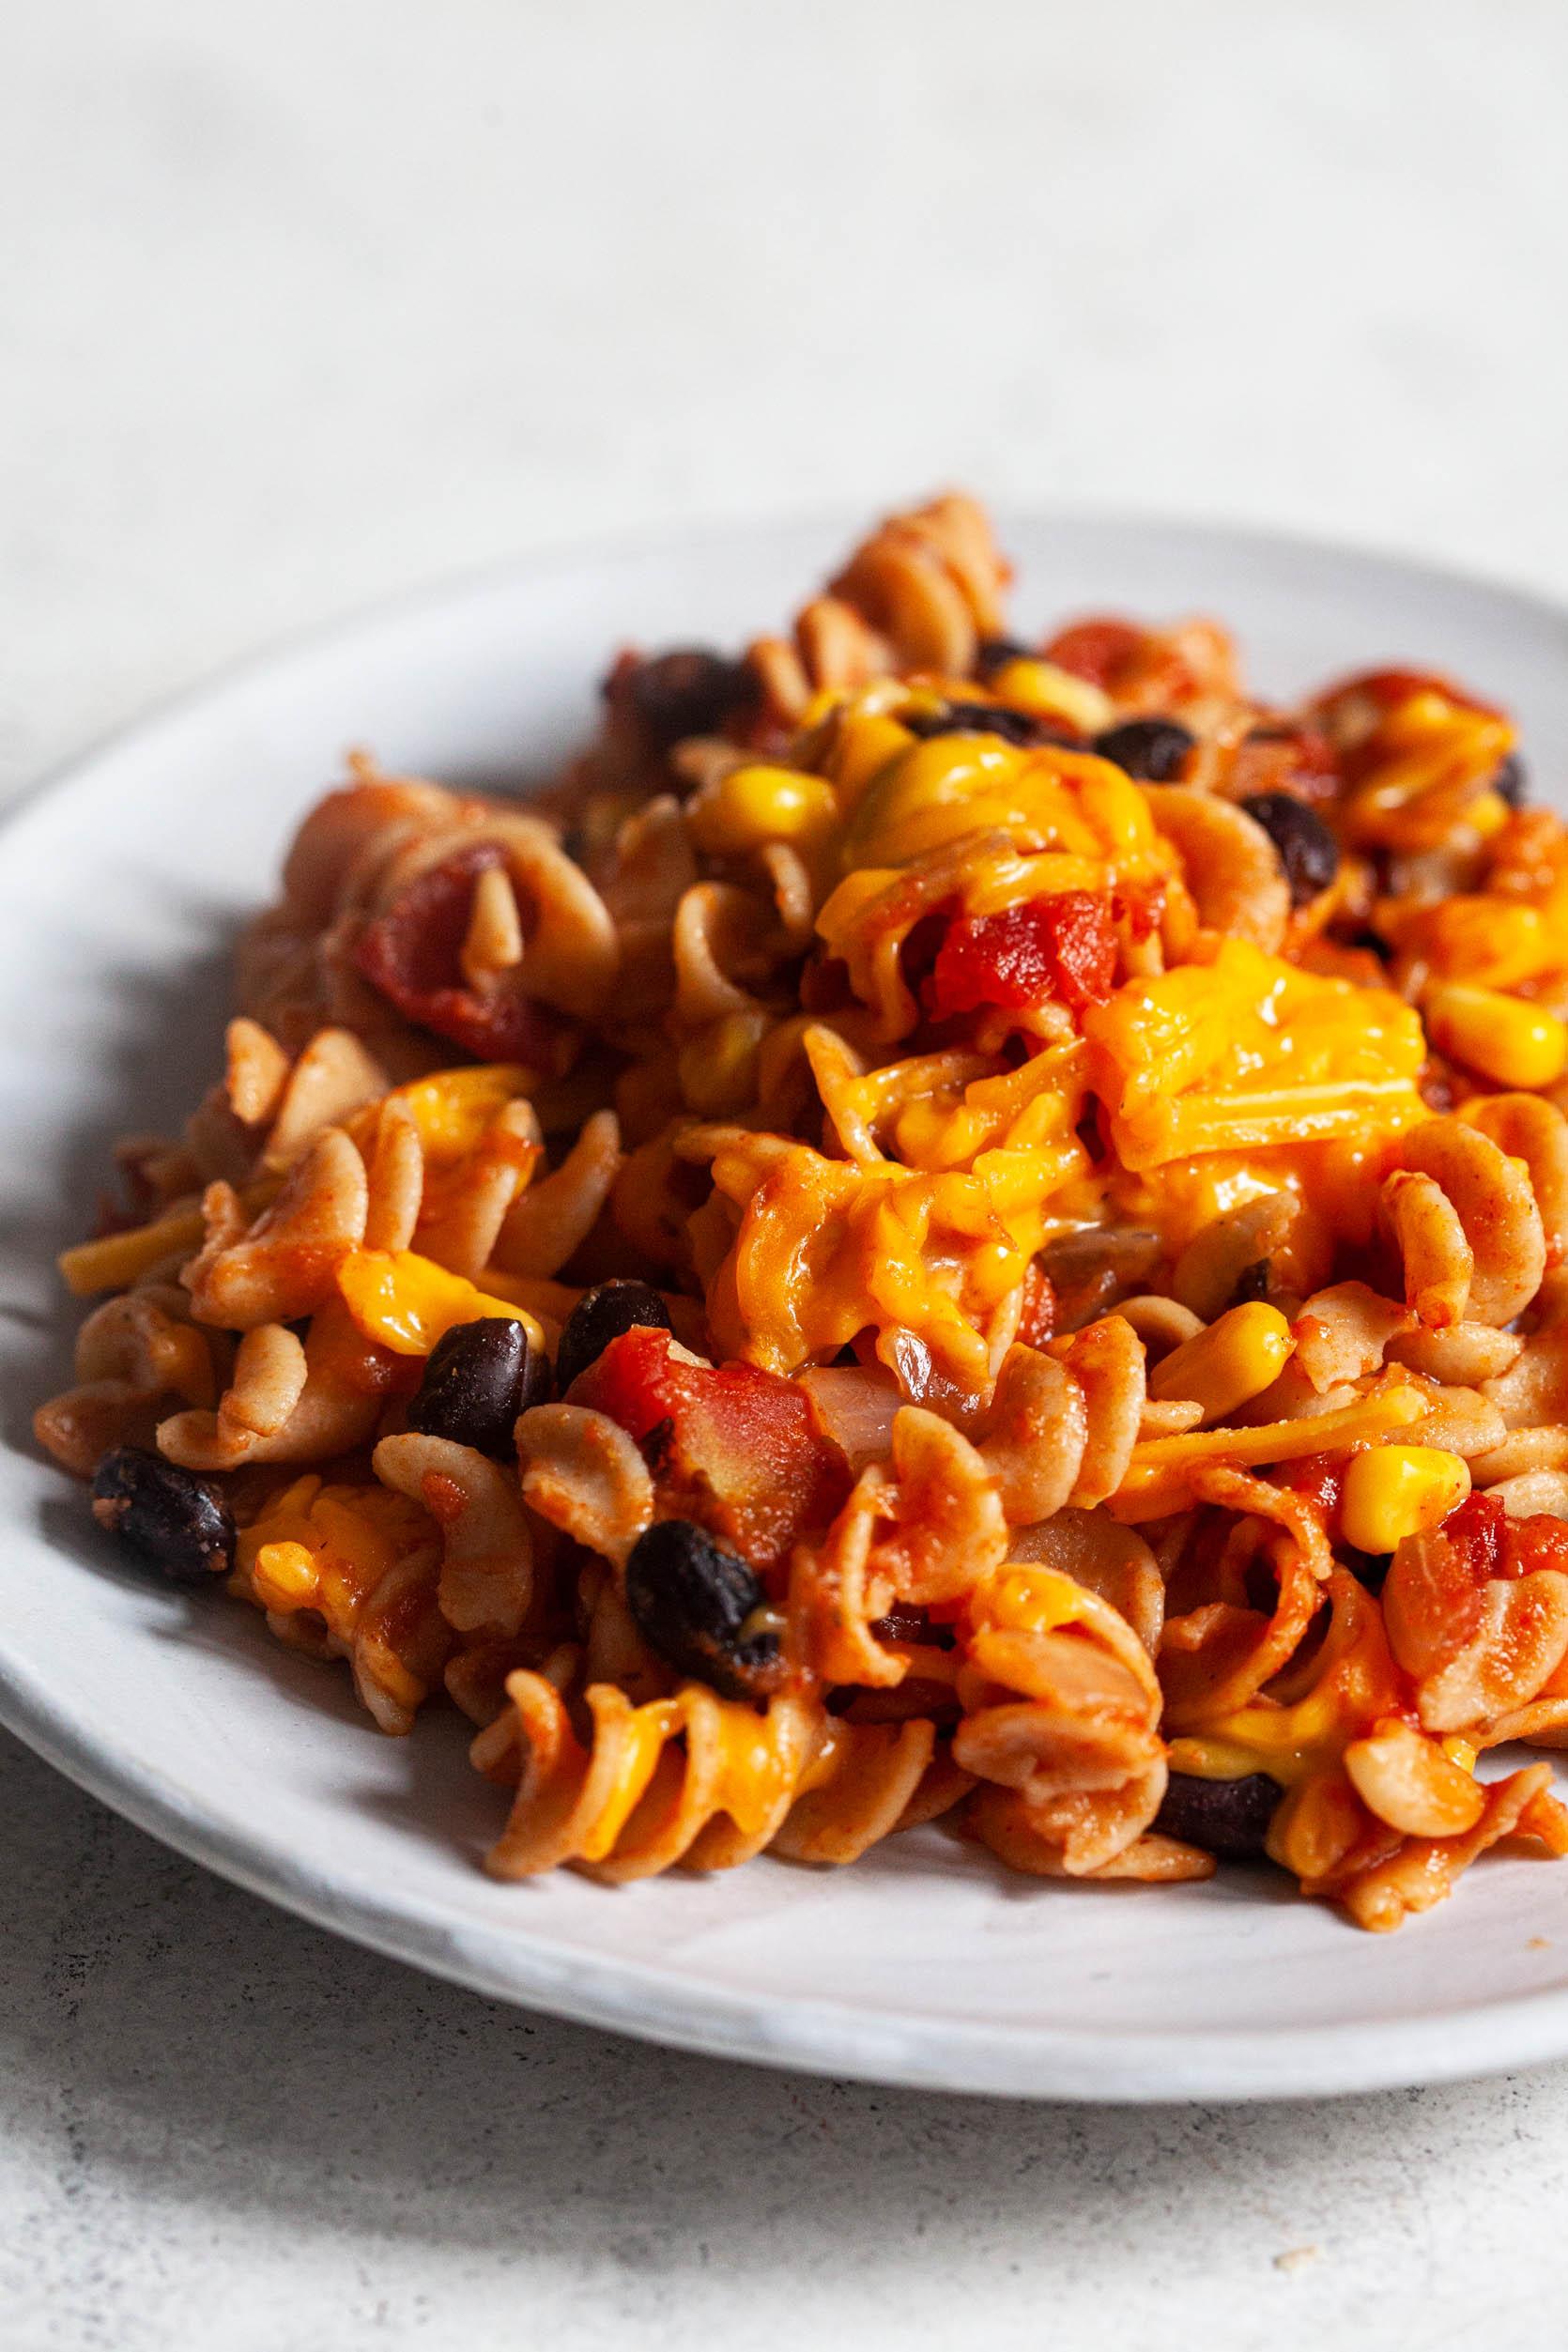 Simple Vegan Tex-Mex Skillet Pasta